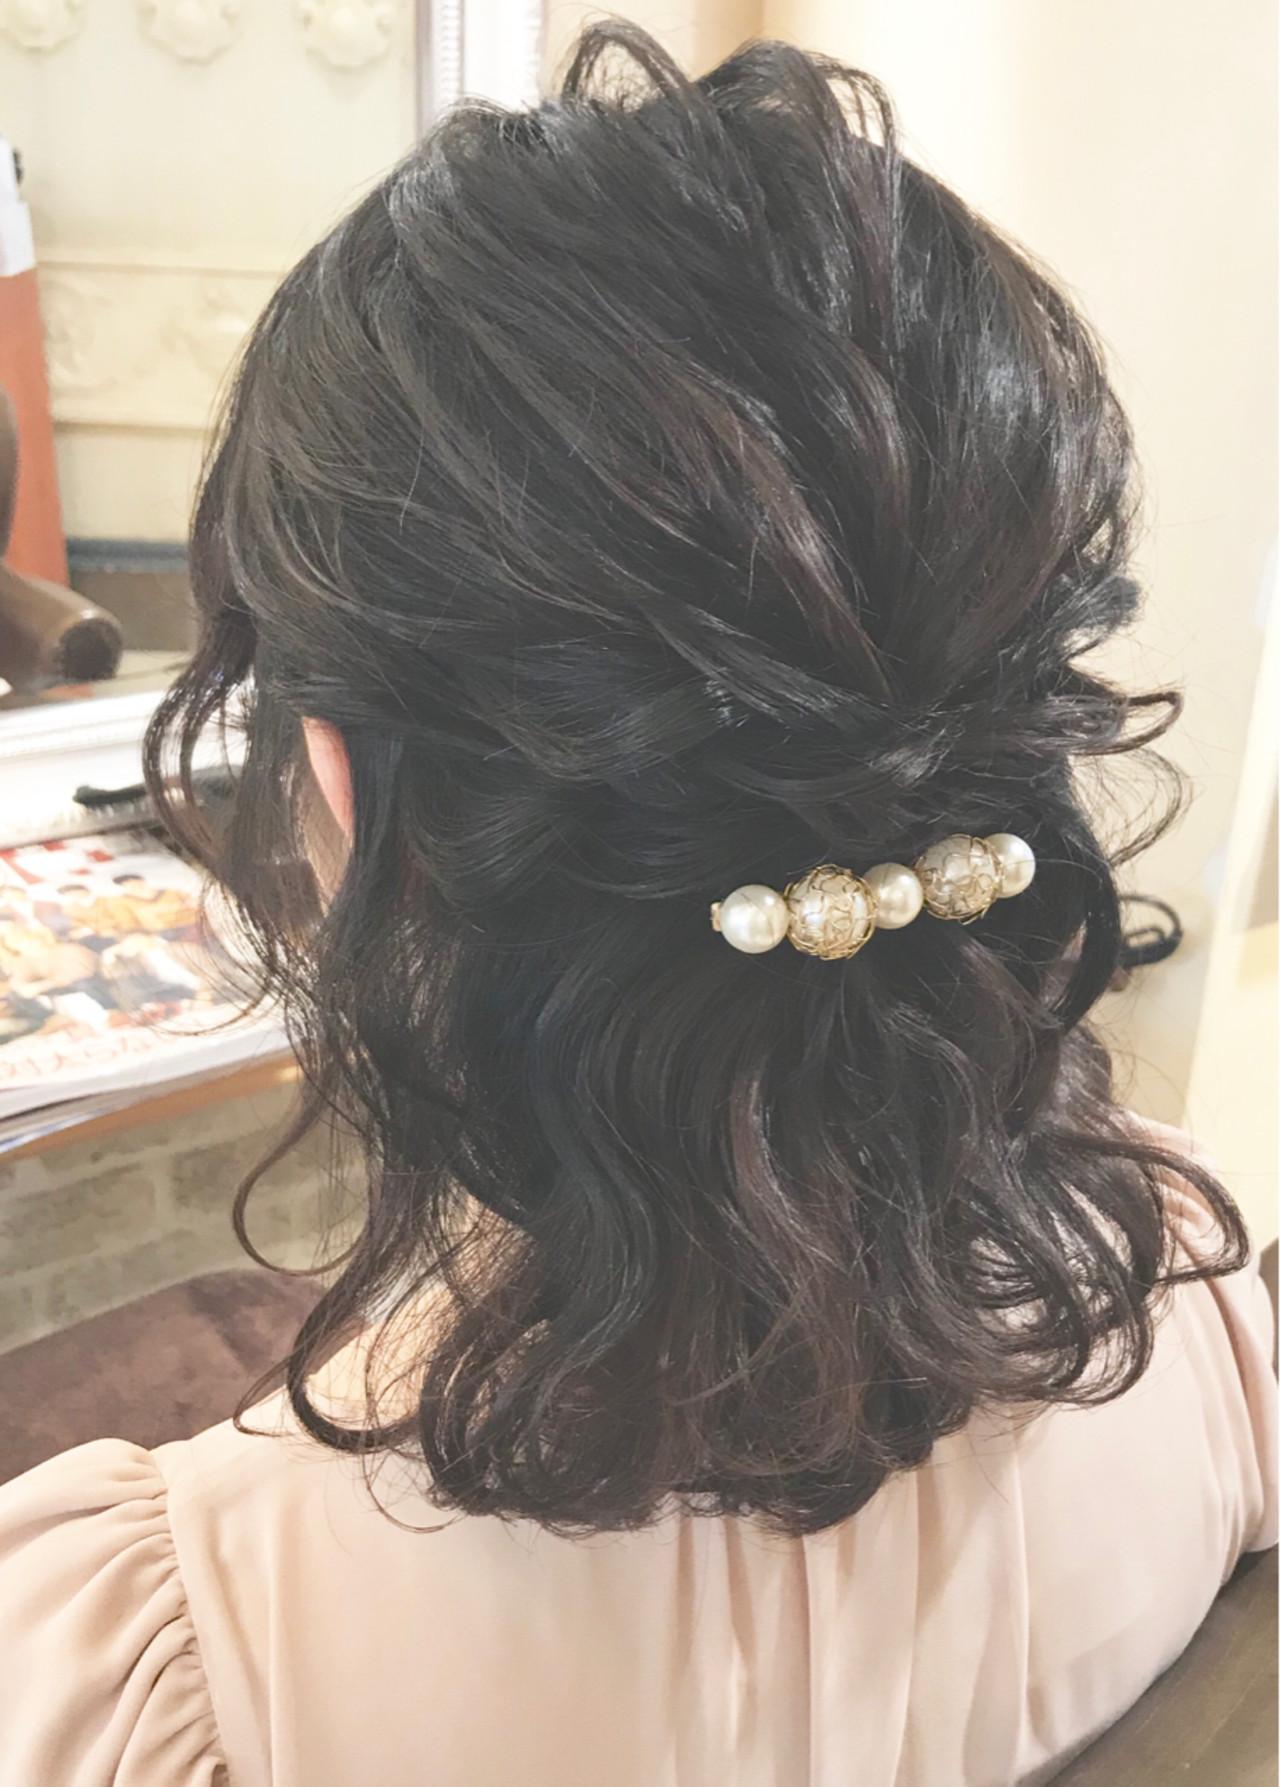 ヘアアレンジ 結婚式 ガーリー 黒髪 ヘアスタイルや髪型の写真・画像 | ヤマキタ トシキ Neolive / Neolive CiroL.